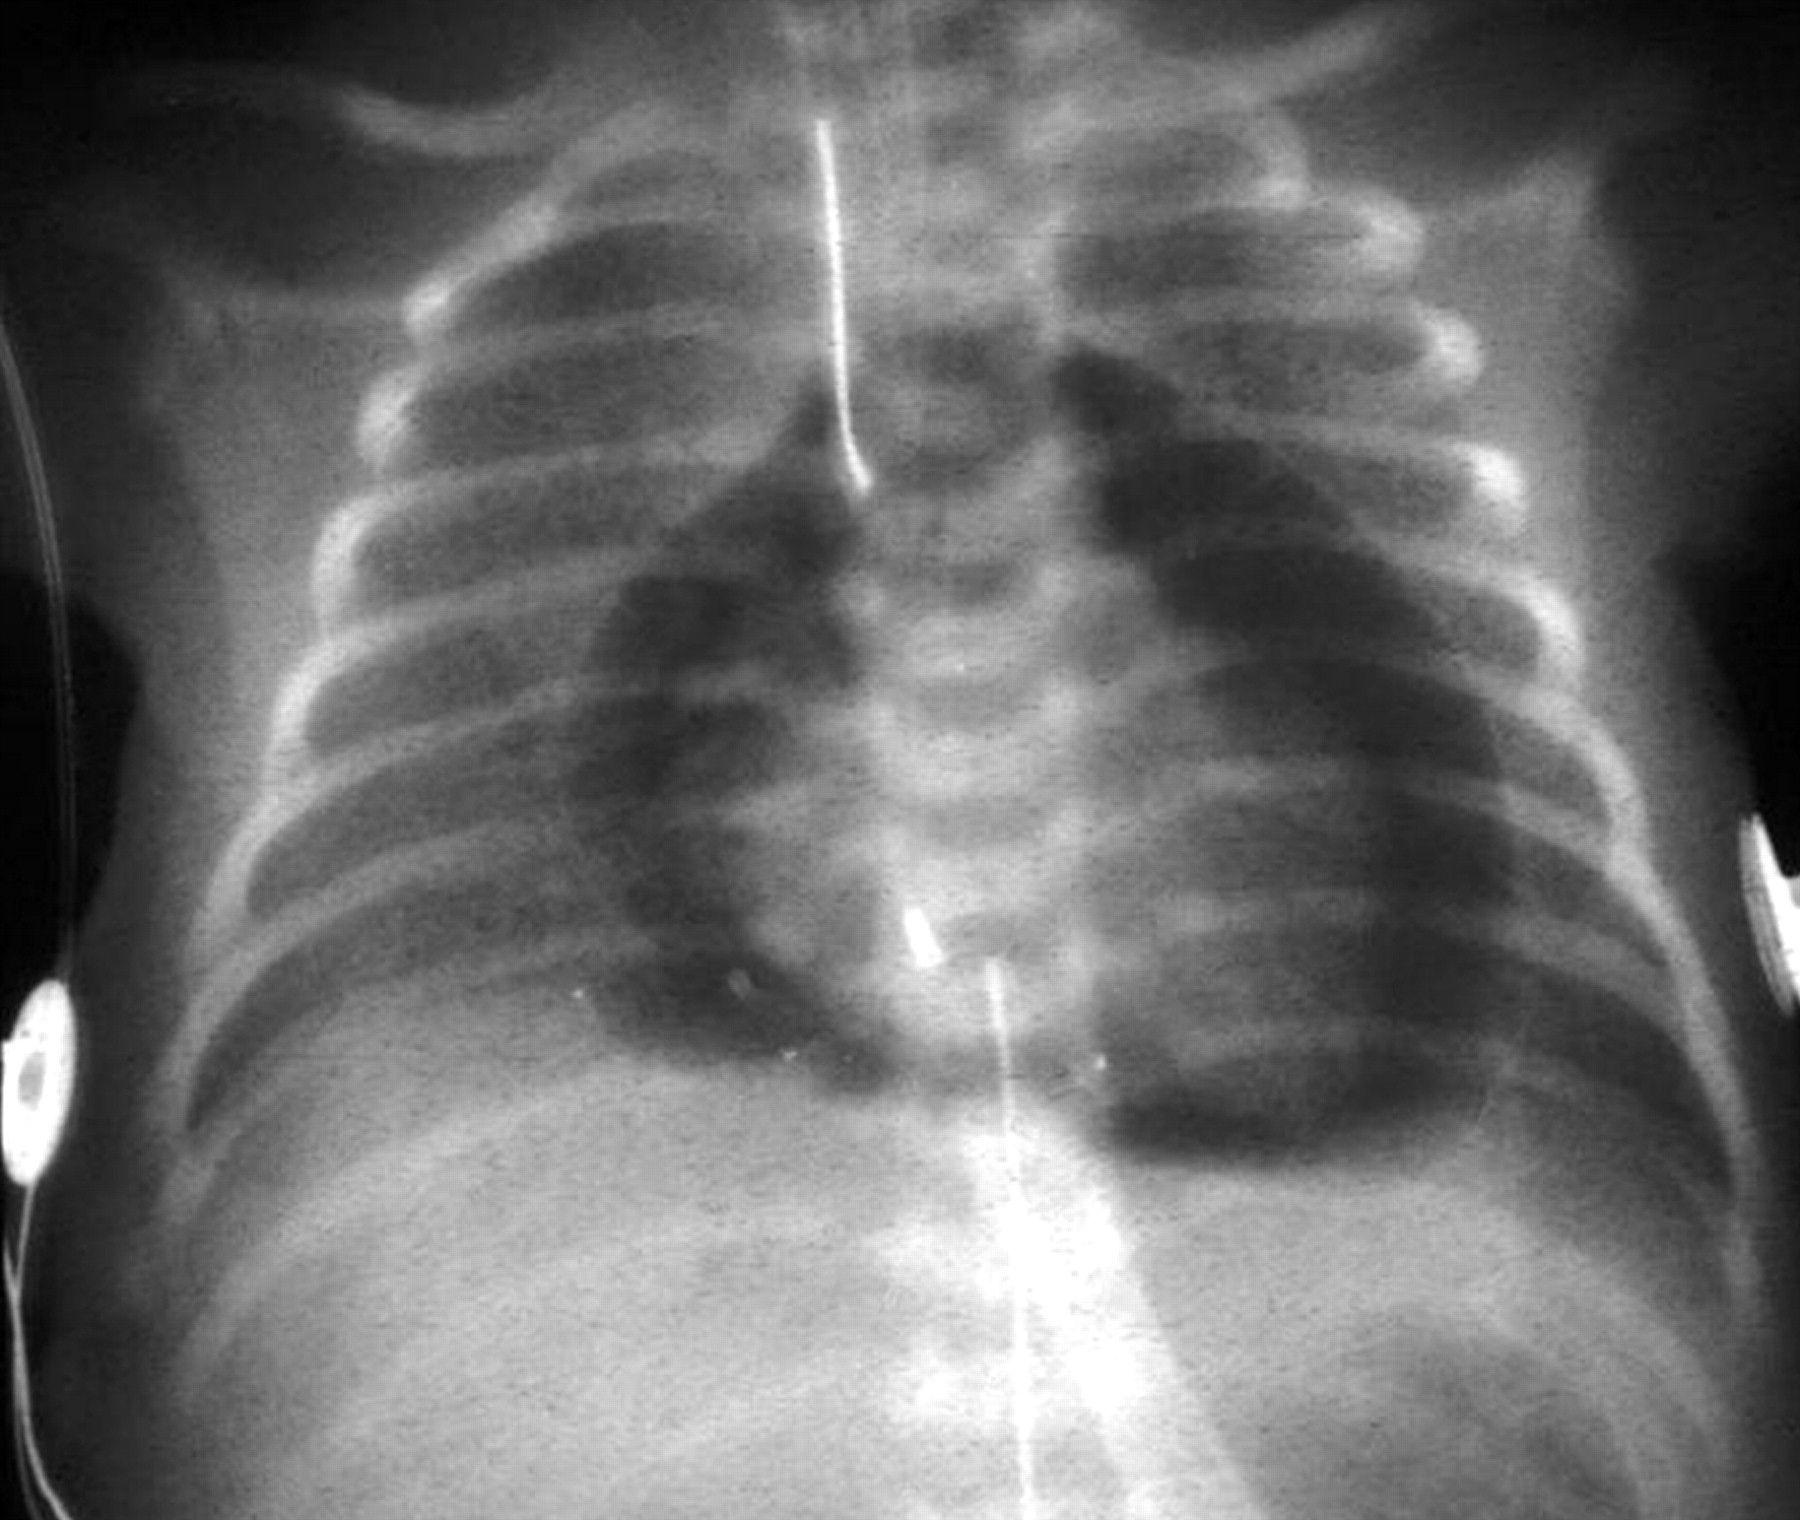 Imaging Findings In Cardiac Tamponade With Images Icu Nursing Nurse Cardiac Nursing